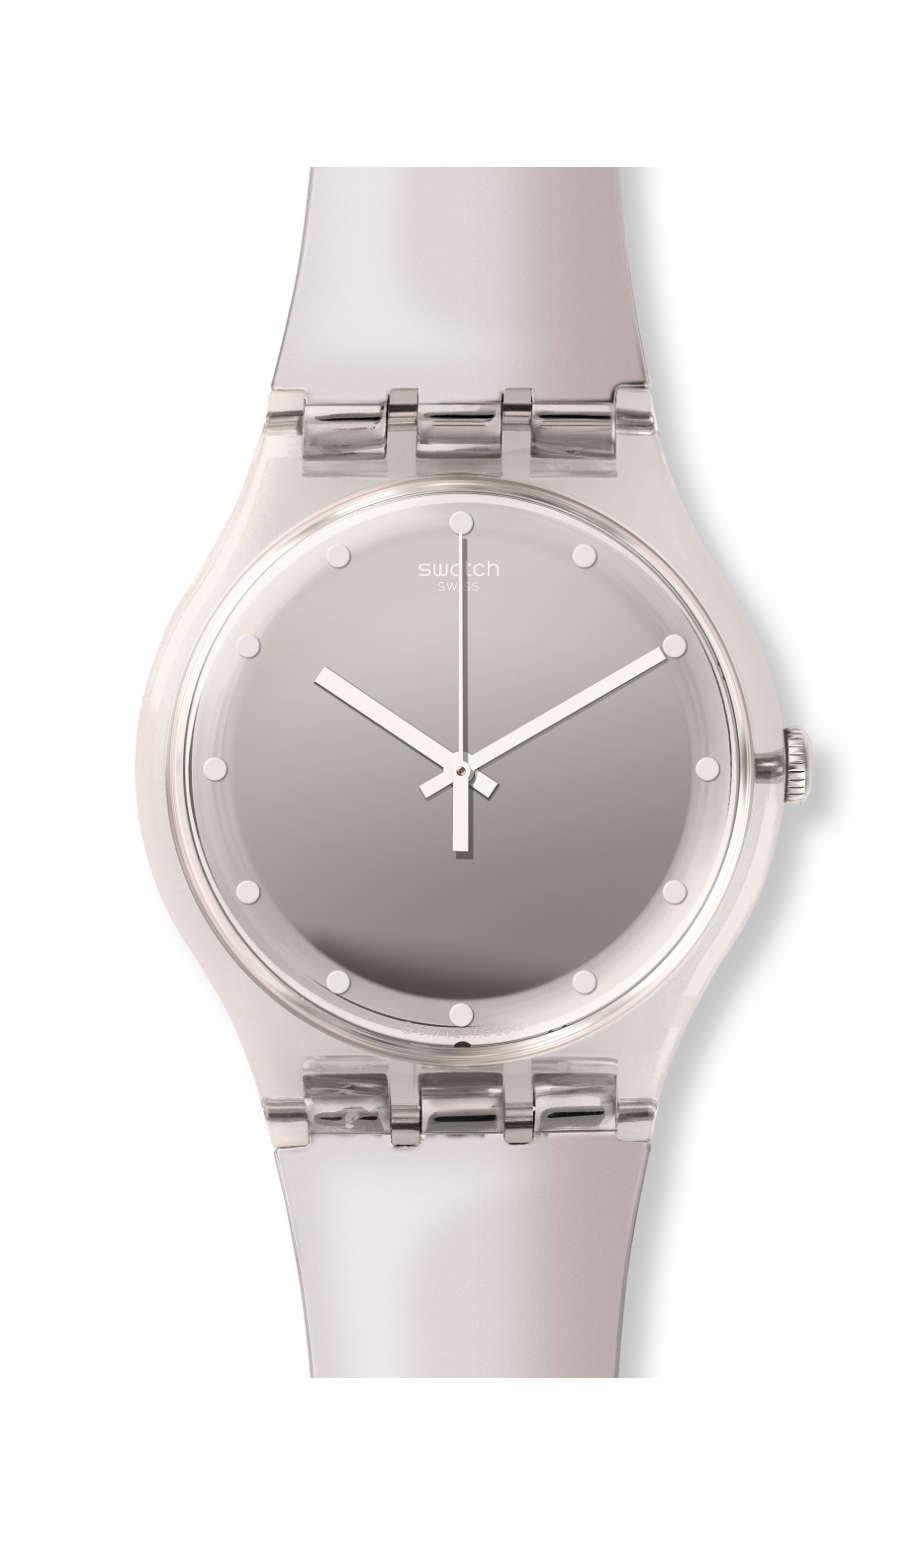 Swatch - SHINY MOON - 1